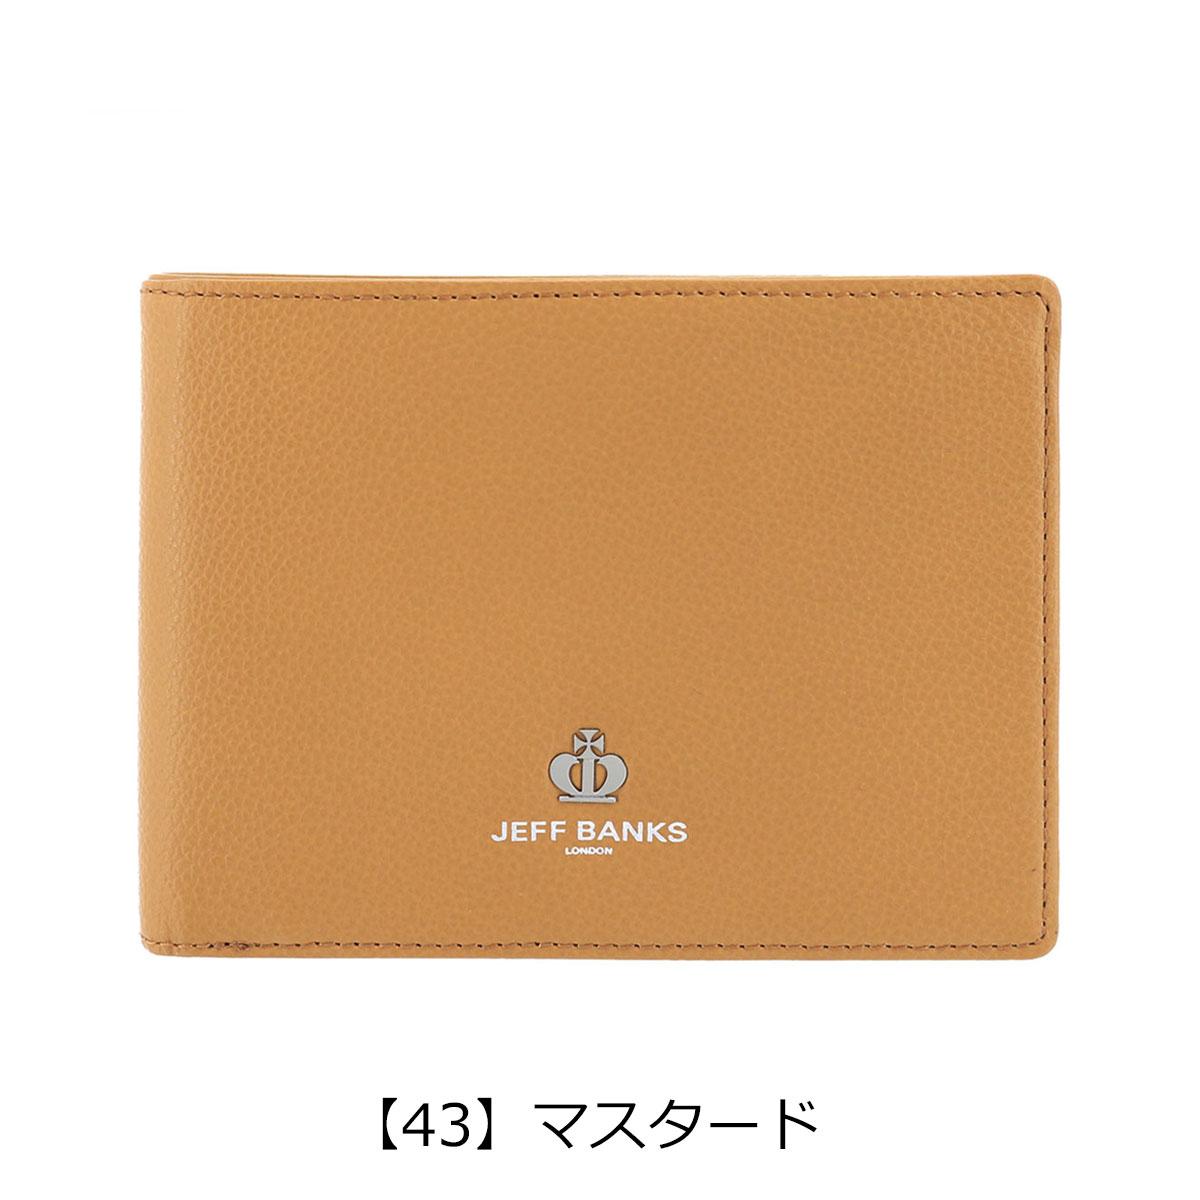 【43】マスタード